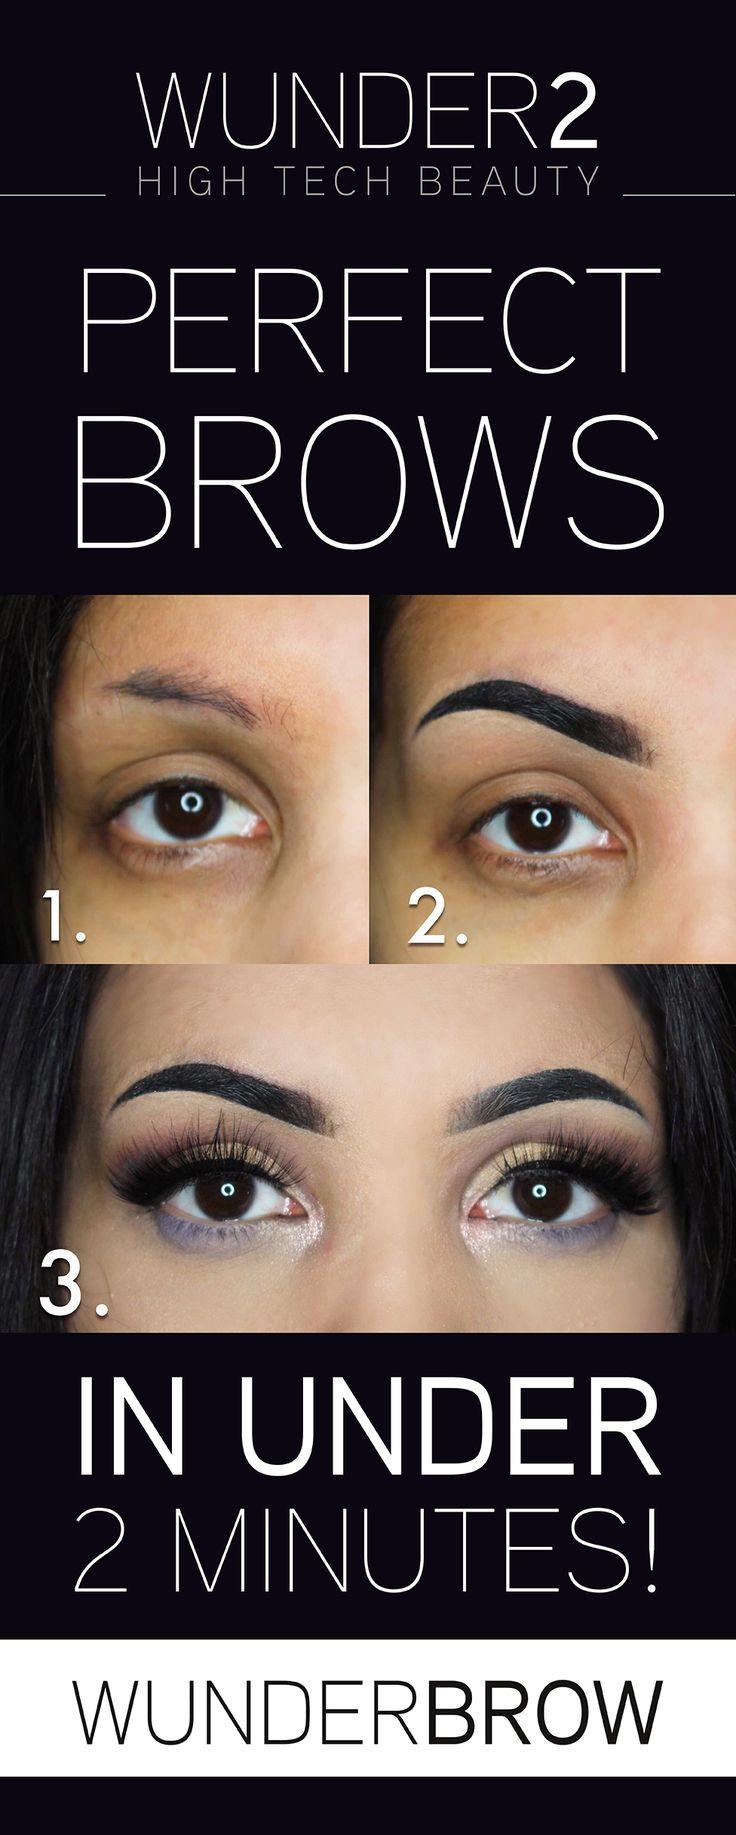 Spot under nose piercing   best mua tips images on Pinterest  Beauty tutorials Beauty tips